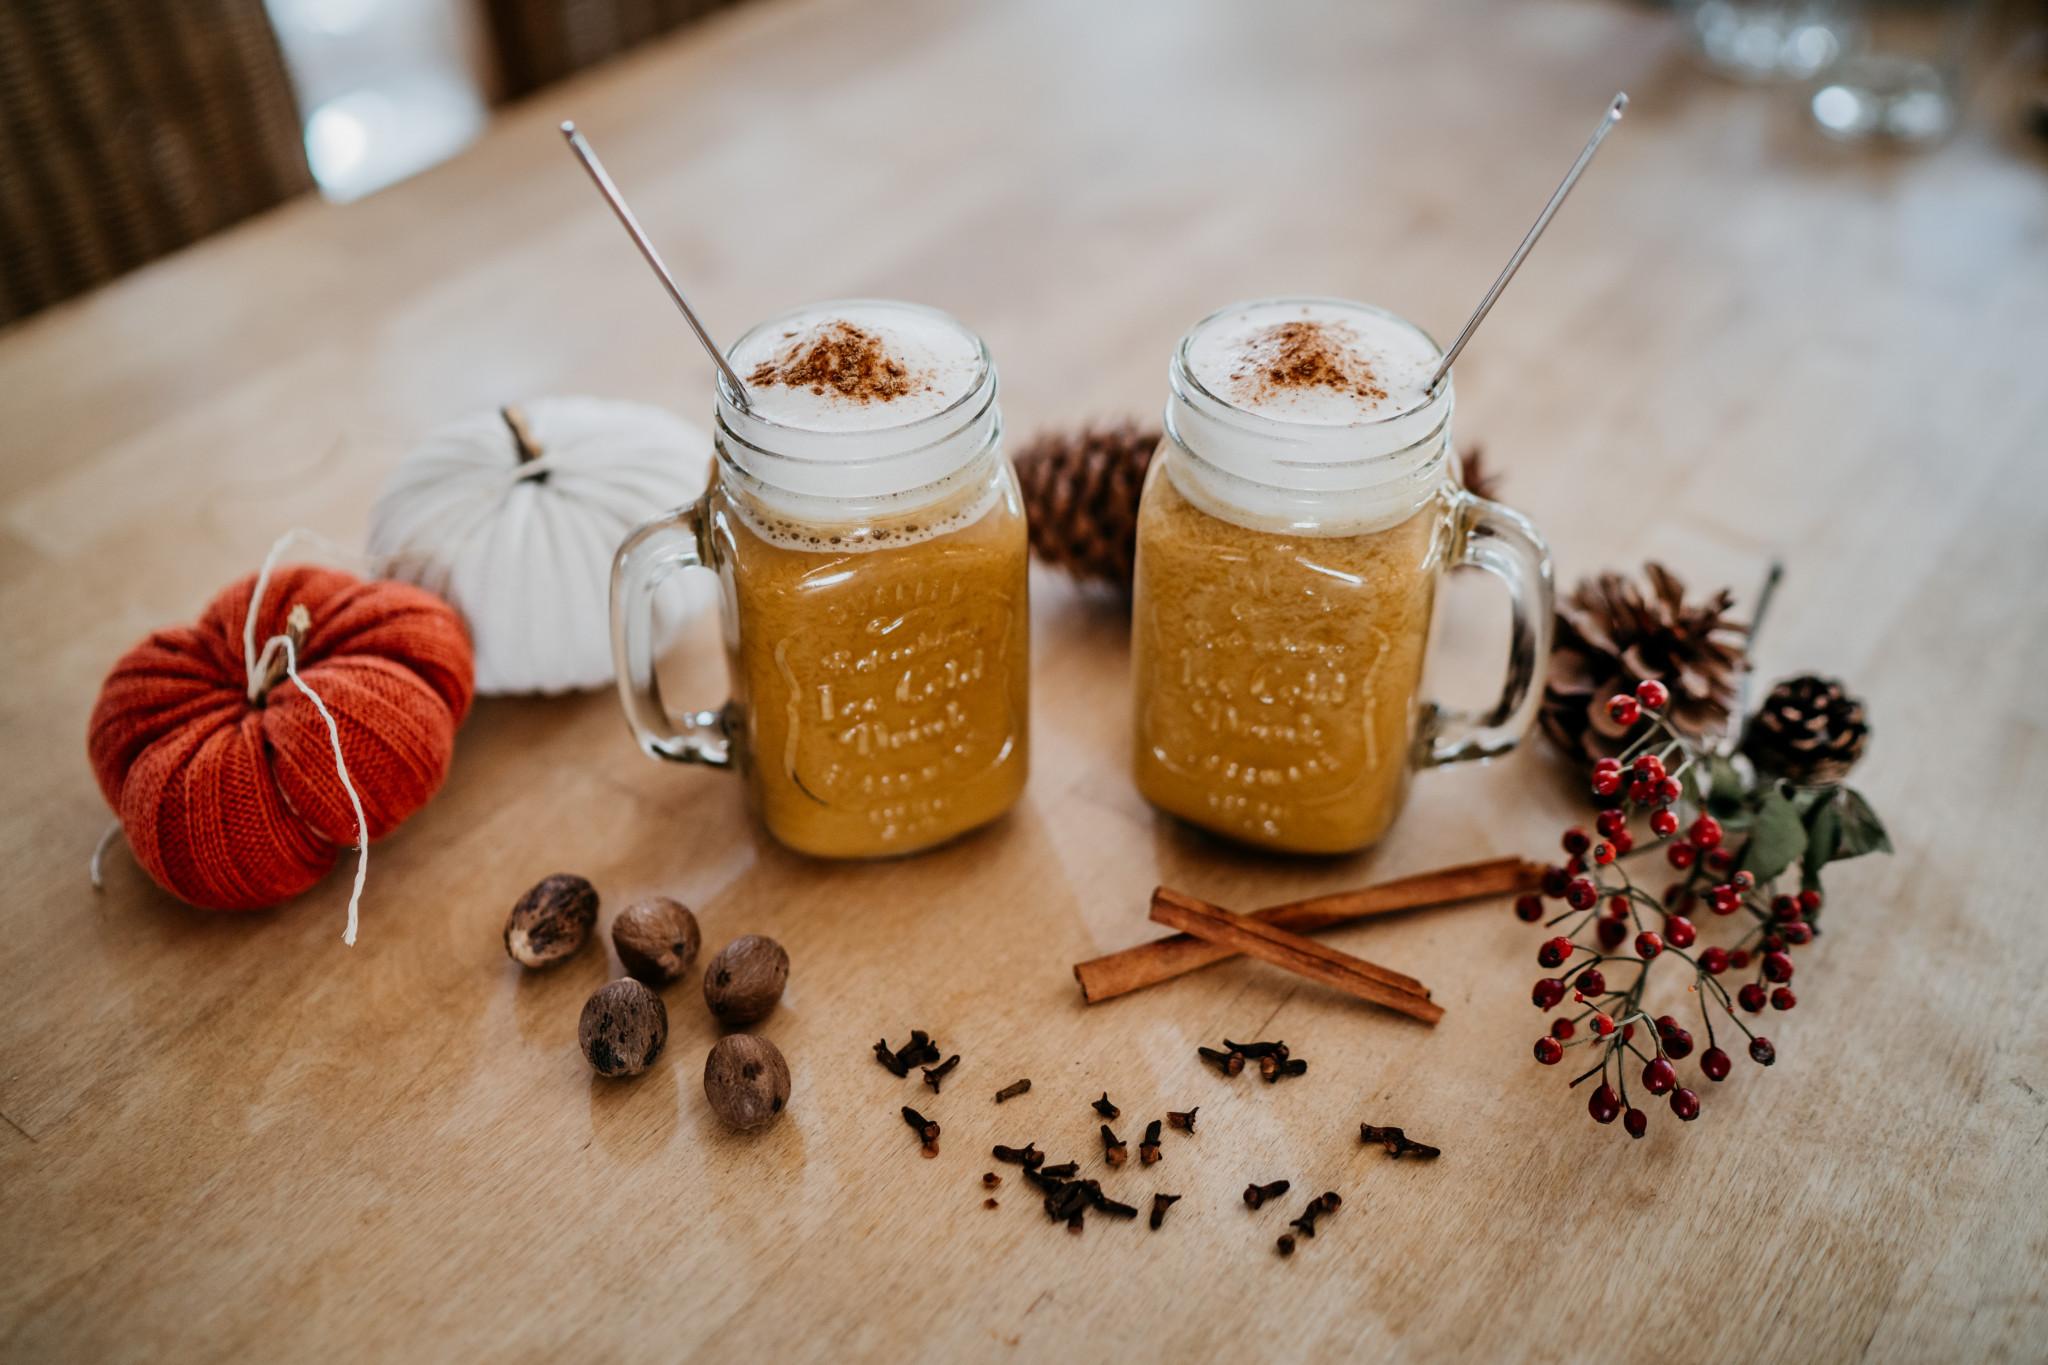 Vegane Food-Inspiration #4: Pumpkin Spiced Latte